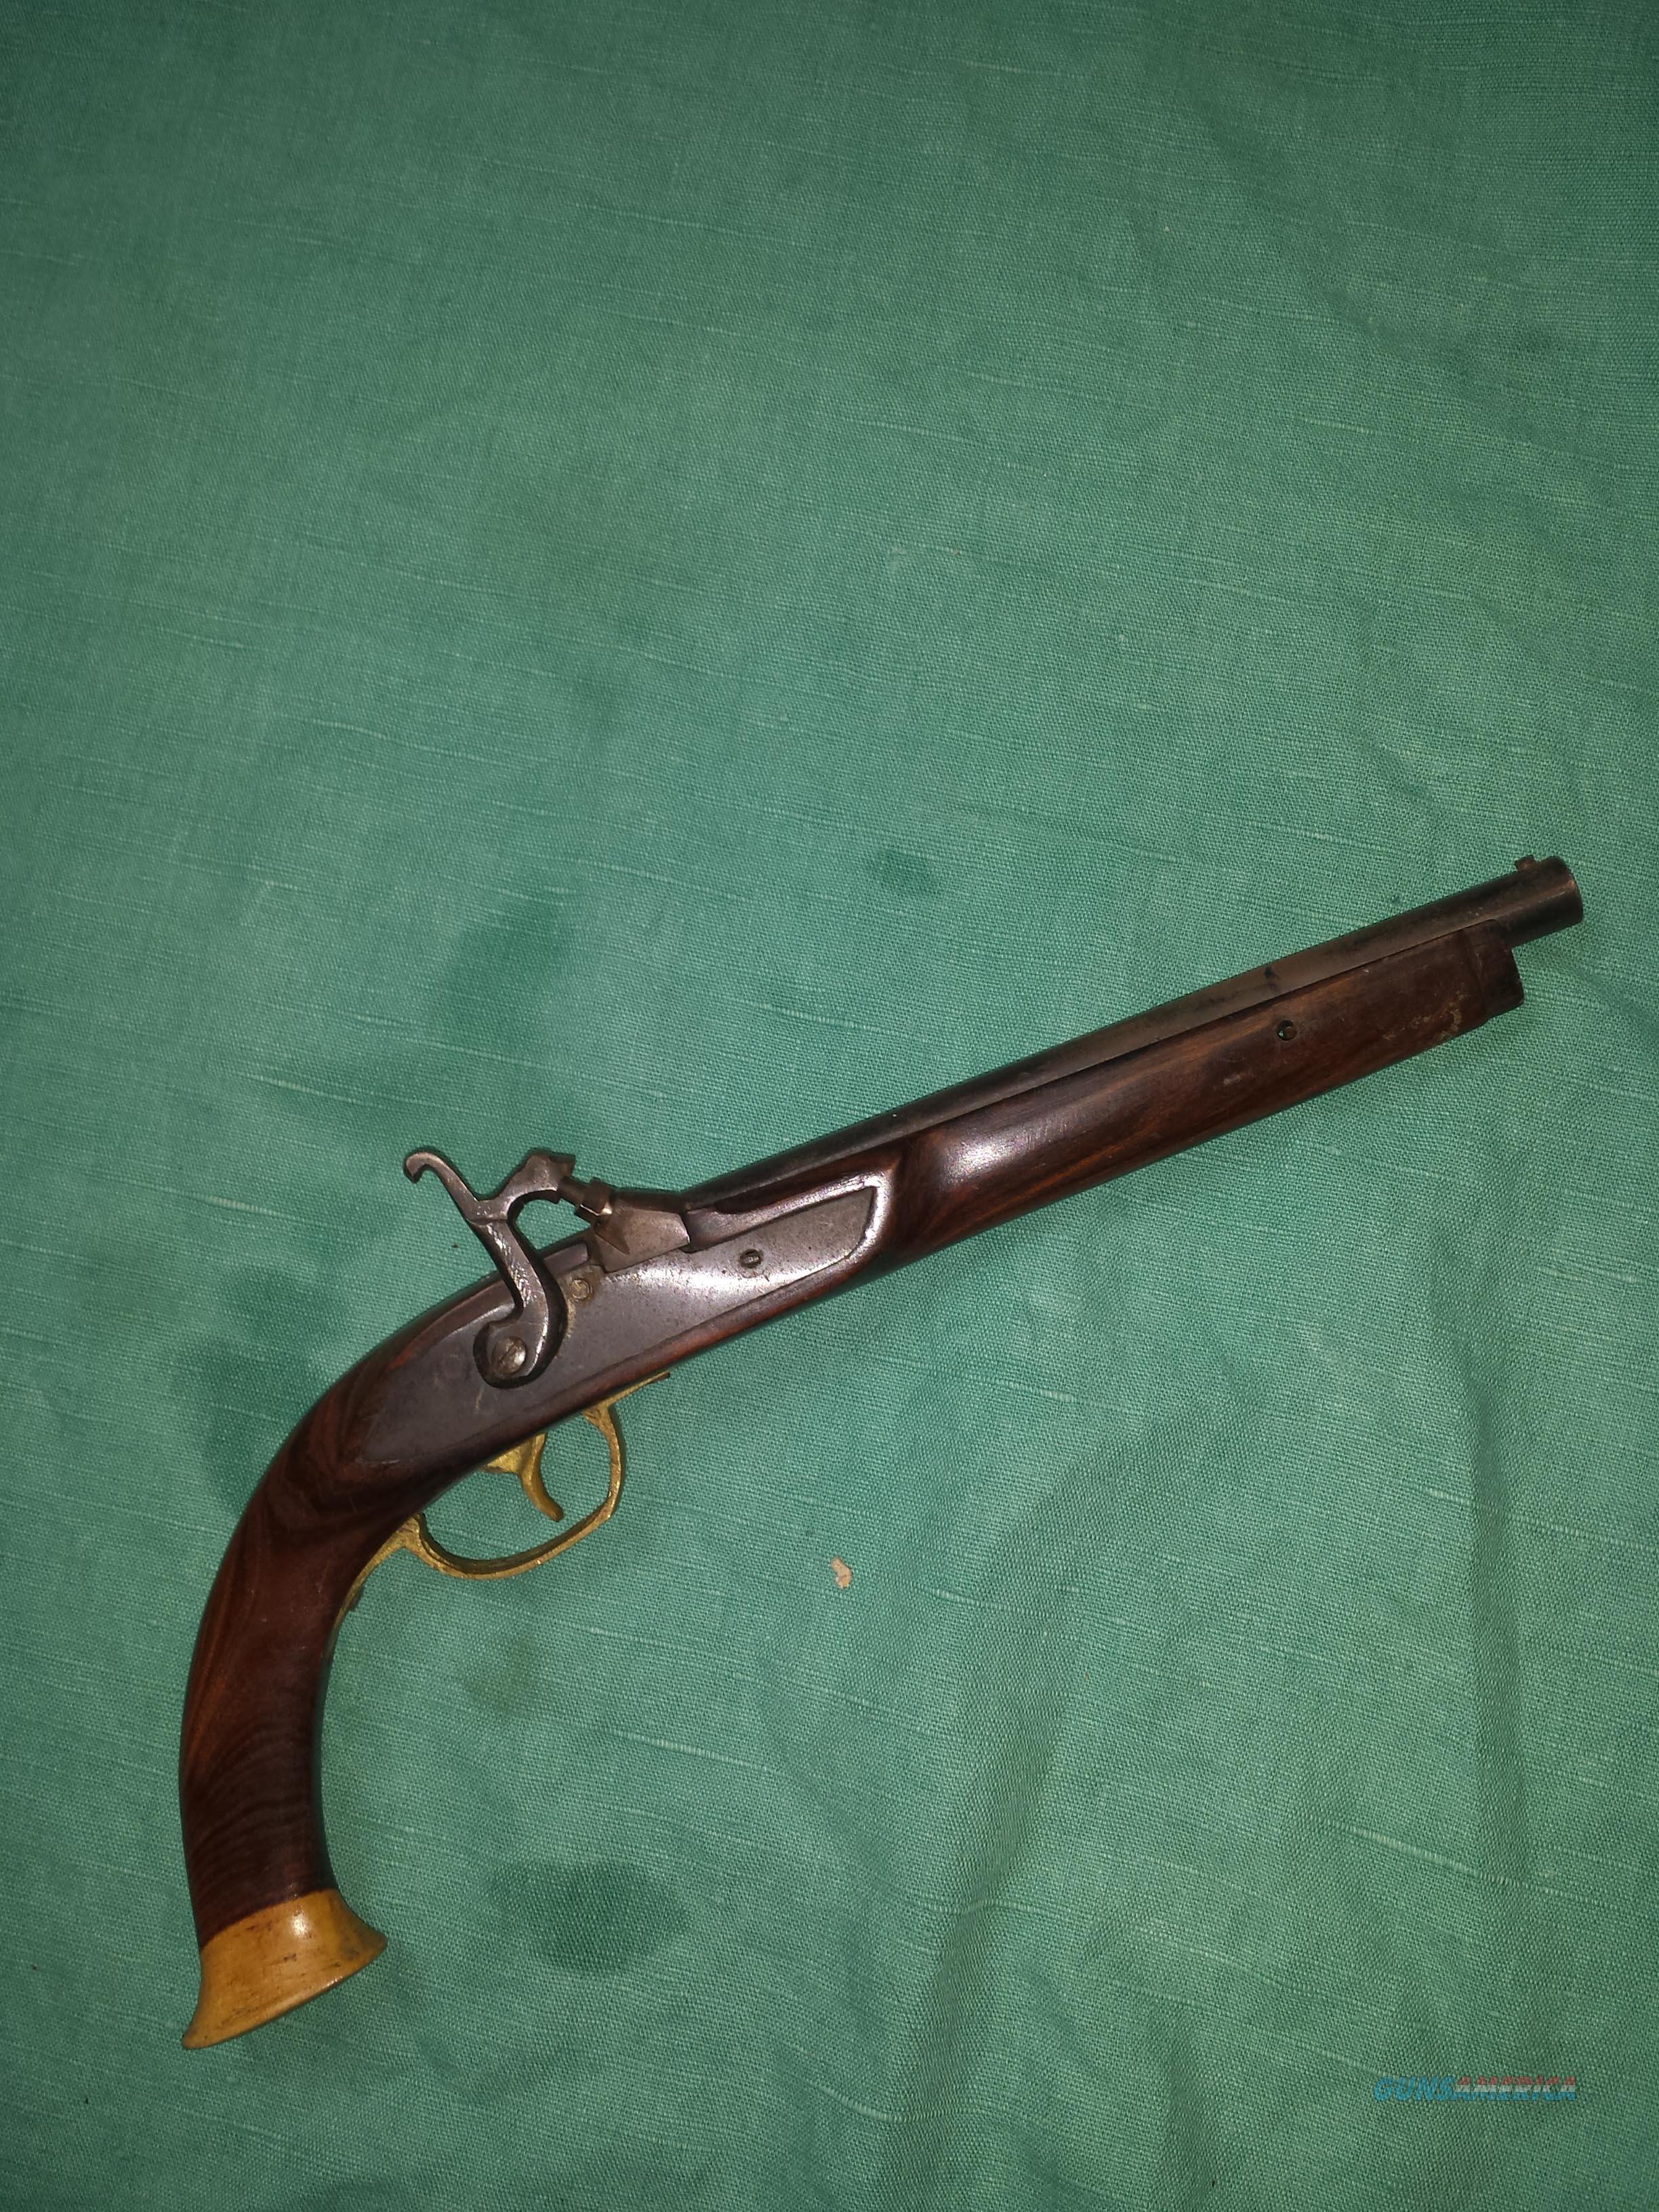 SMALL PERCUSSION .36 CAL CHILD'S PISTOL  Guns > Pistols > Muzzleloading Modern & Replica Pistols (perc)